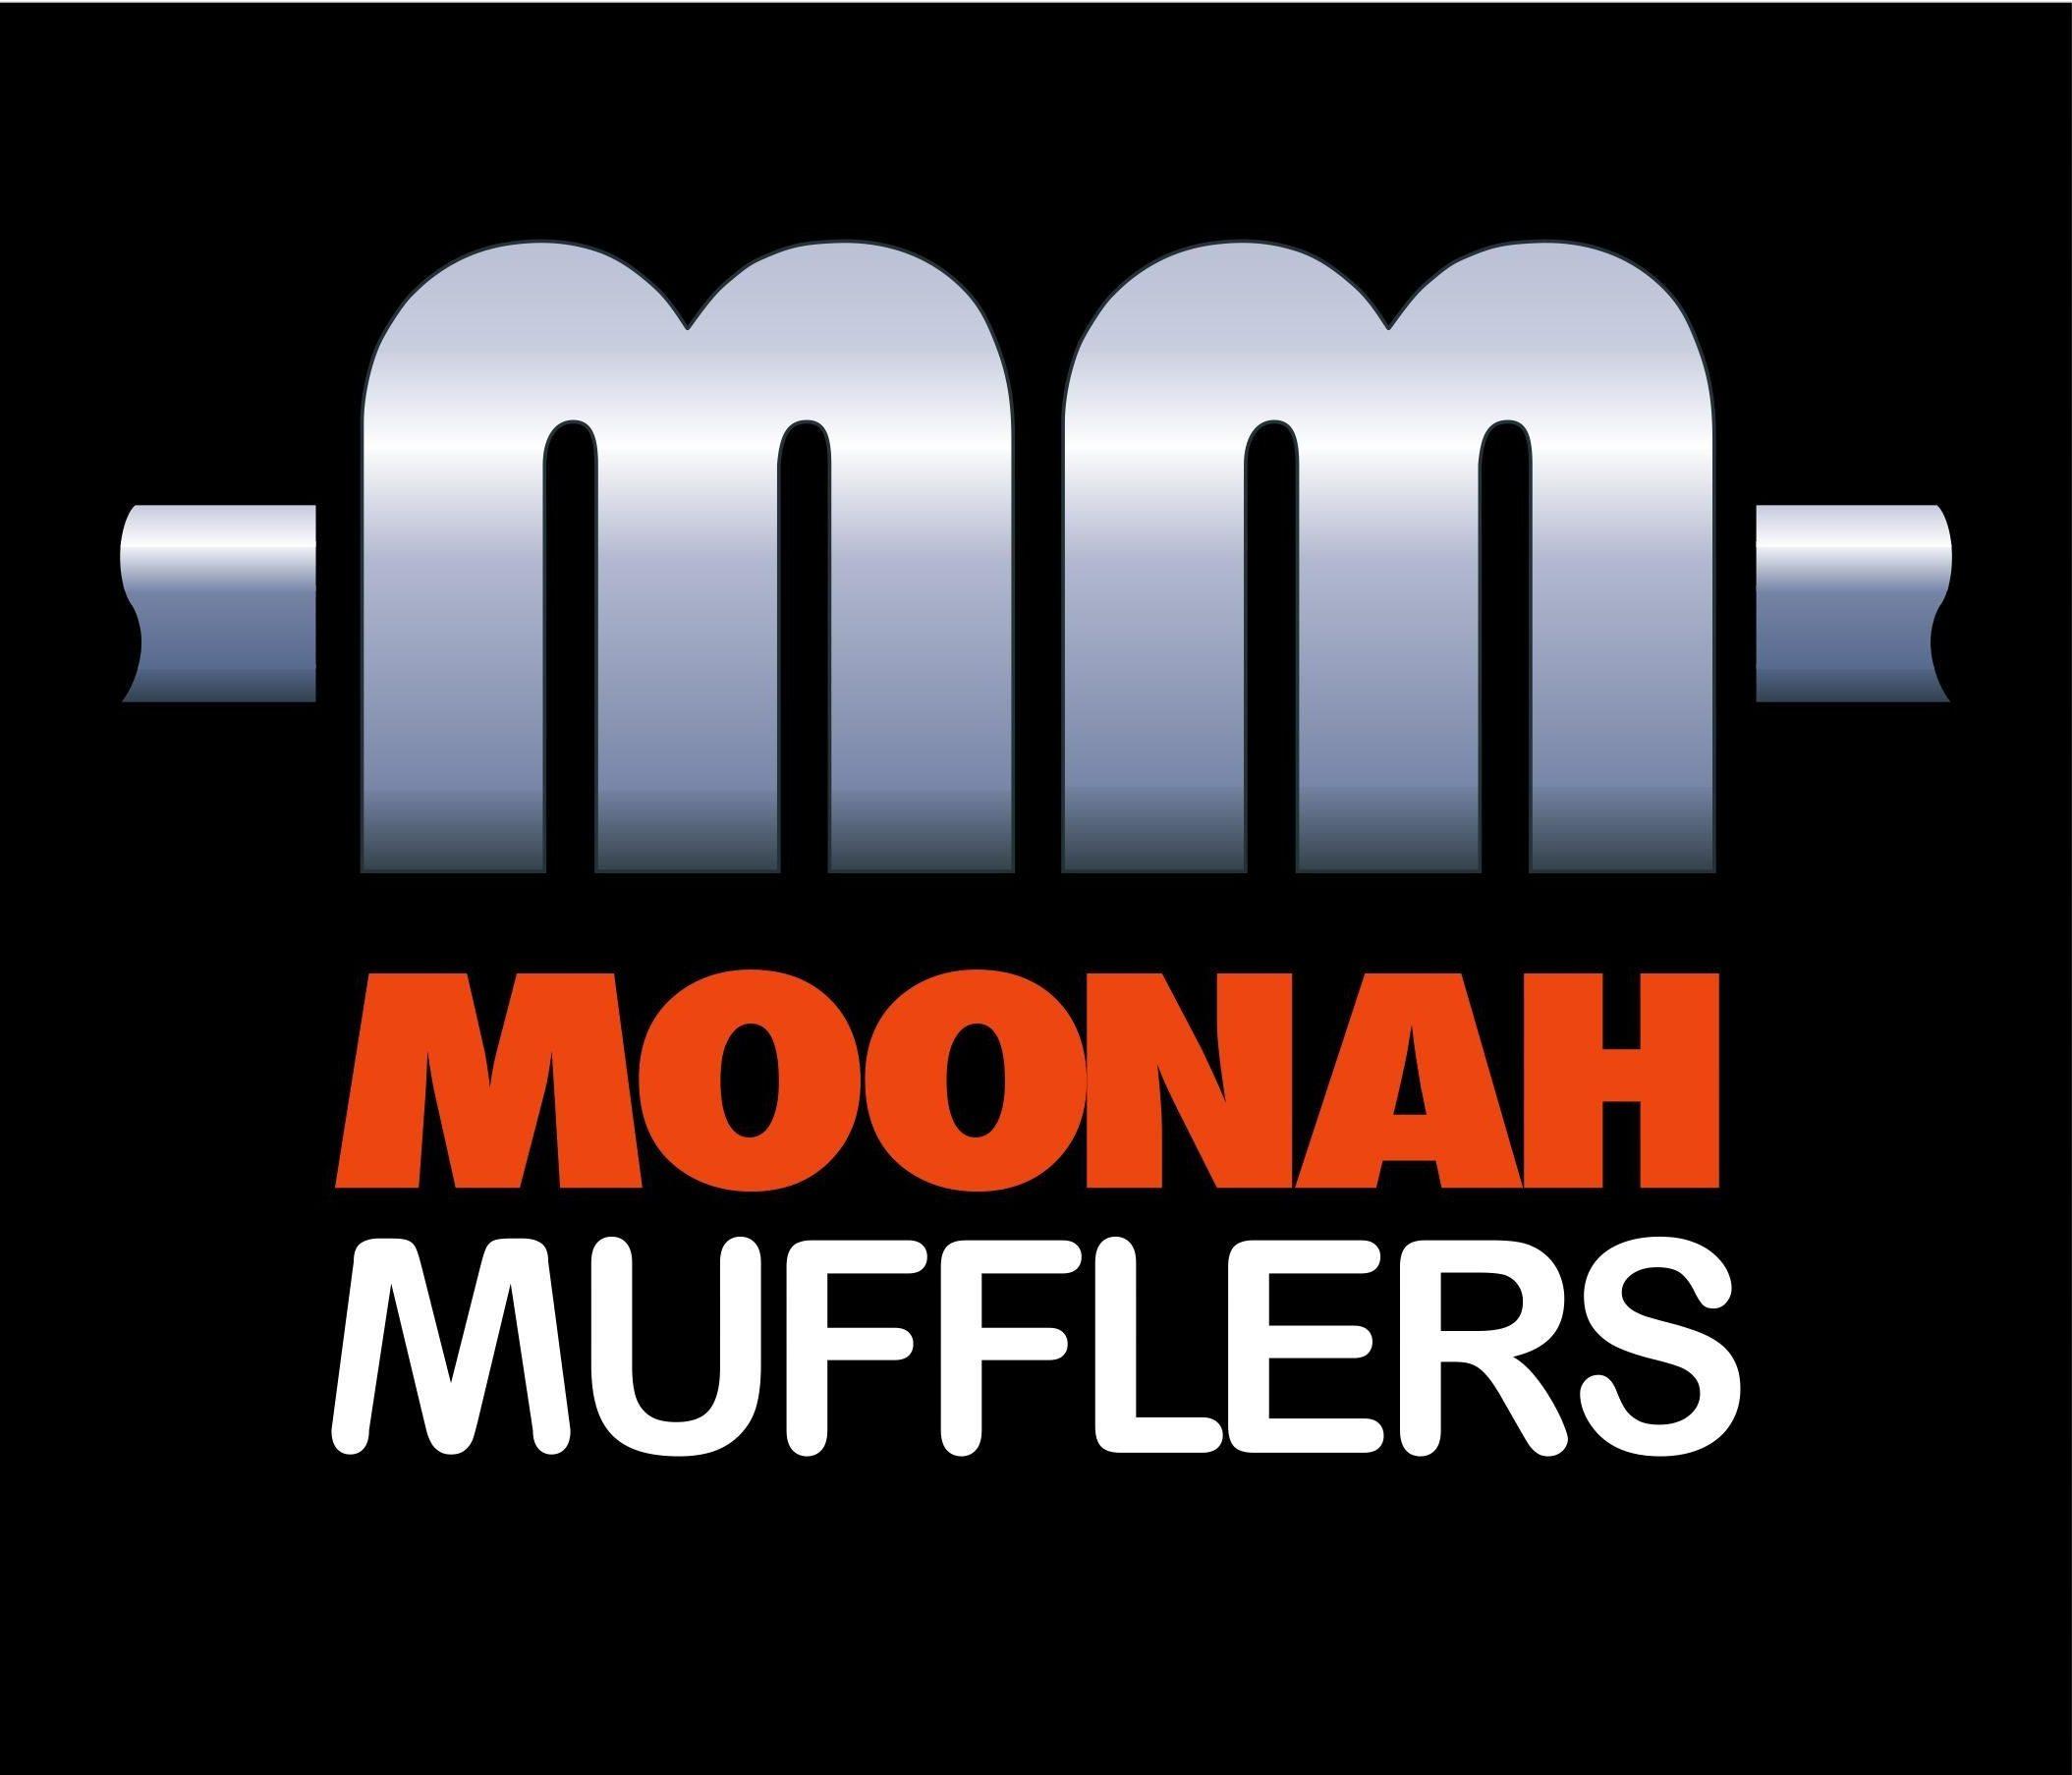 Moonah Mufflers